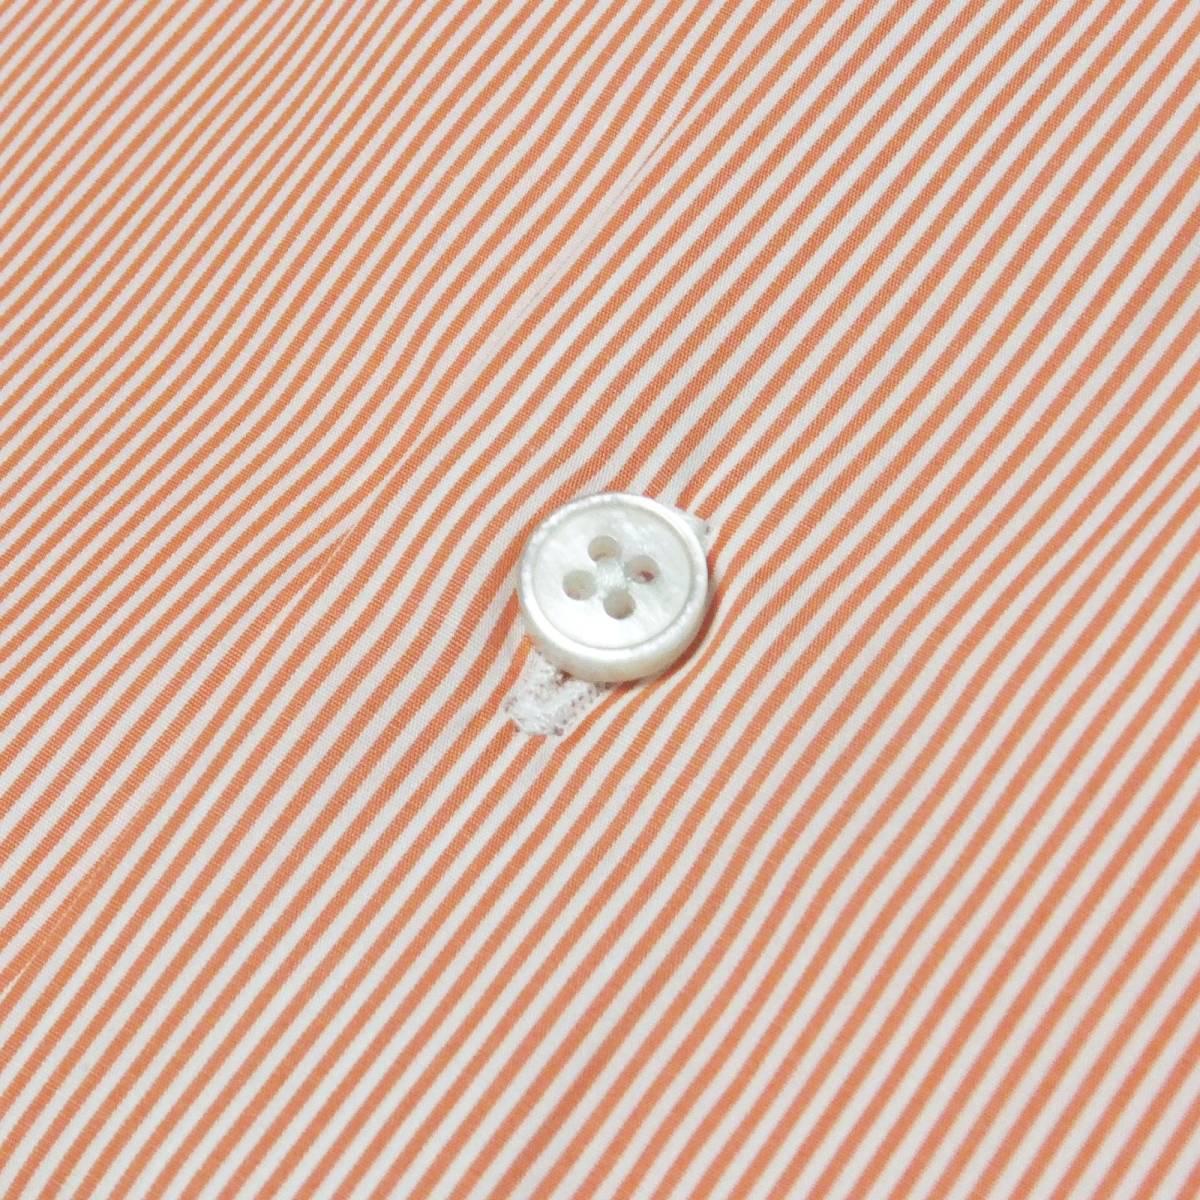 [dickson]サイズ38:ドレスシャツ メンズ 白xオレンジのヘアラインストライプ 長袖 コットン ワイシャツ Canclini_画像6